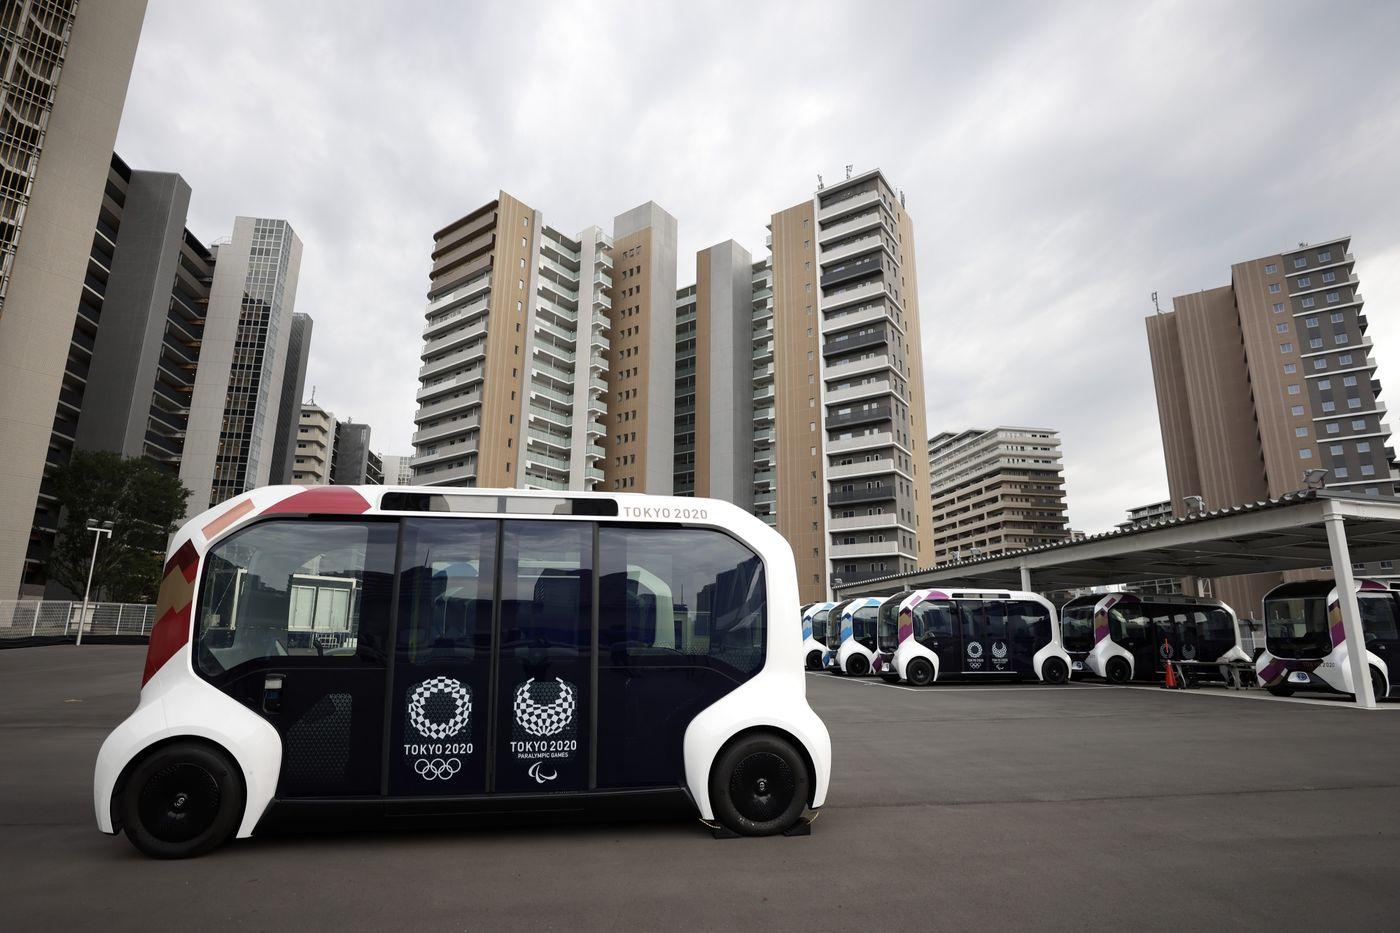 e-Palette - надежда и может быть когда-нибудь гордость городского общественного транспорта